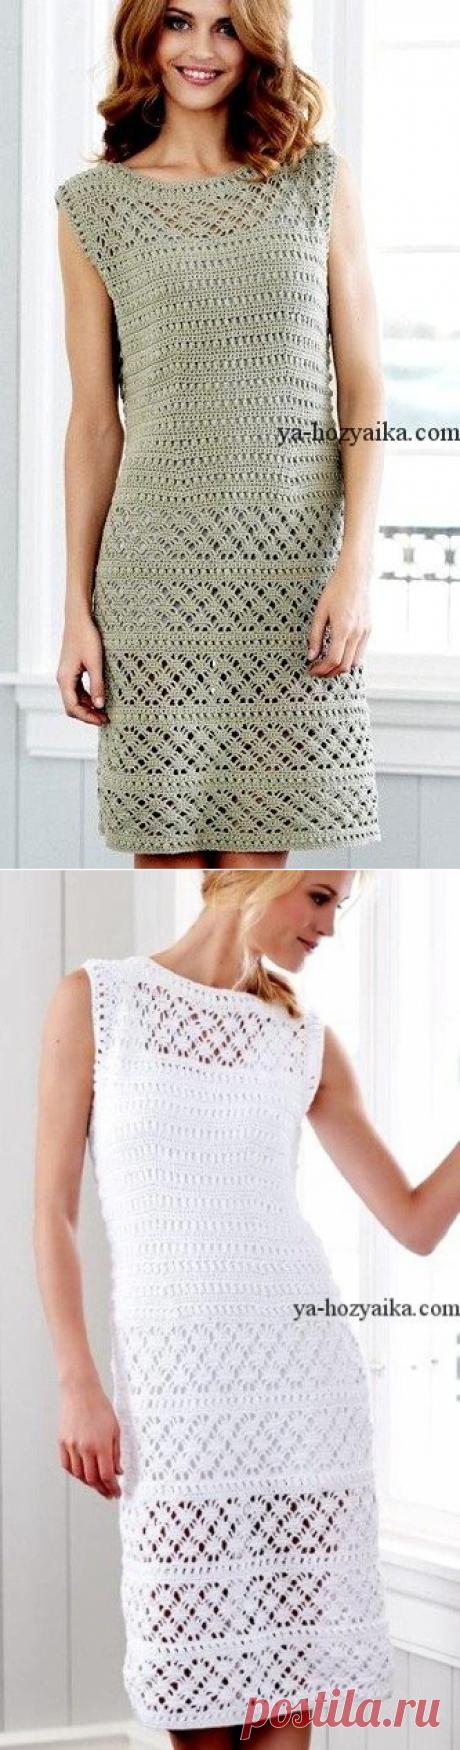 Вязаное белое платье крючком. Белое вязание платье крючком схемы